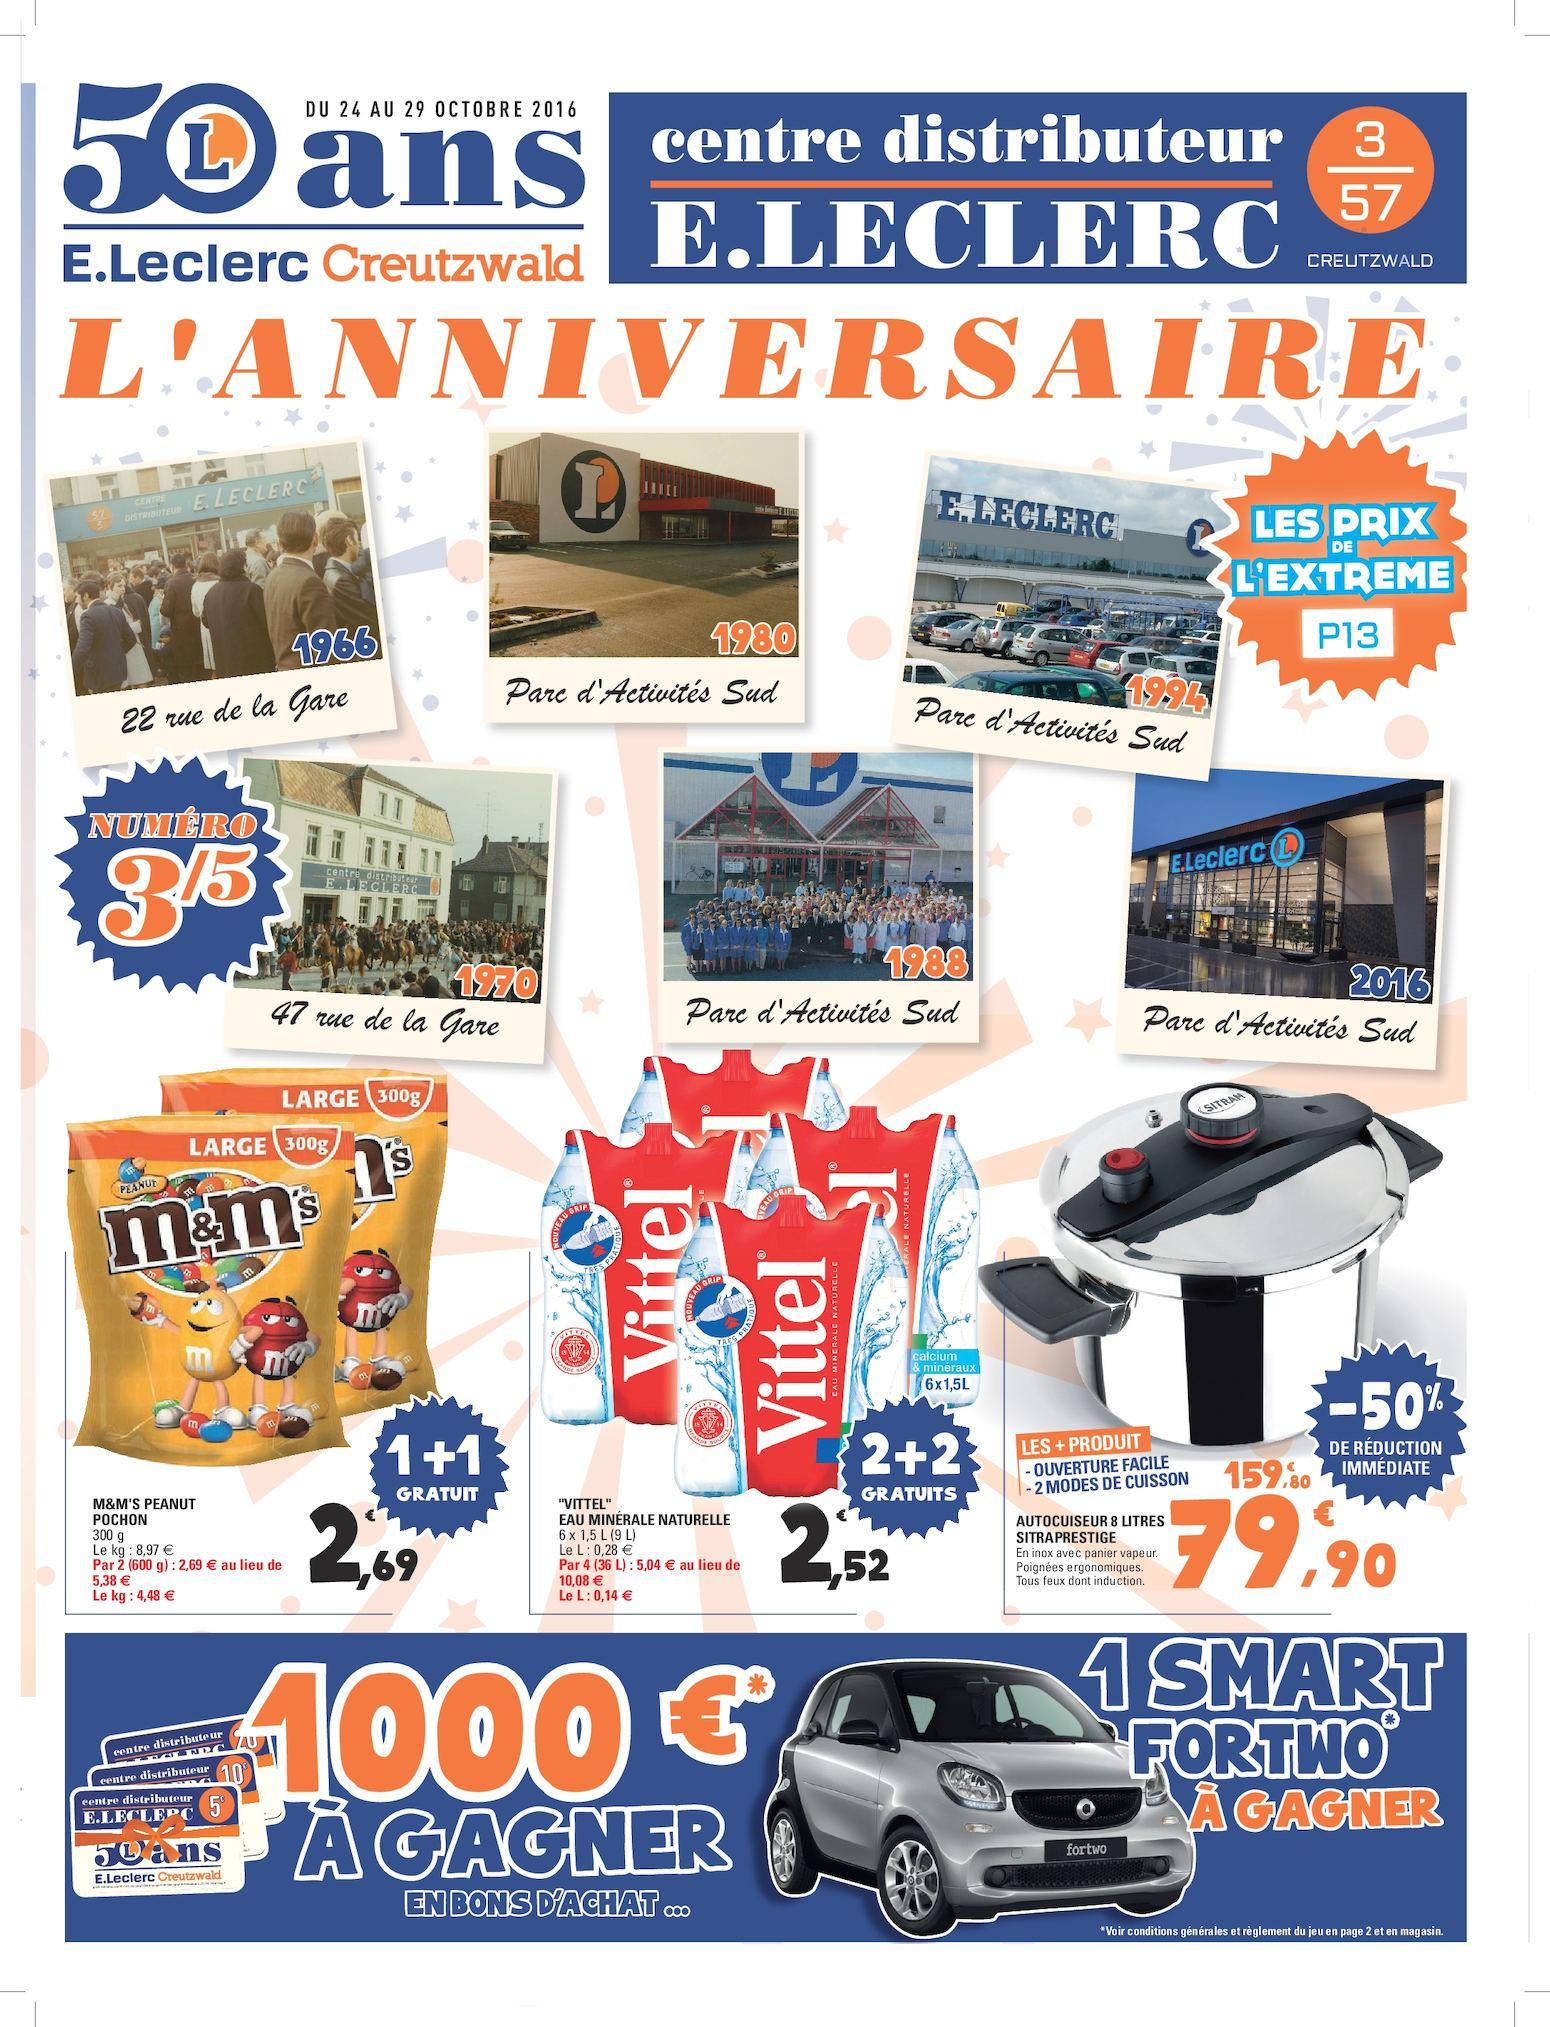 E Leclerc Livraison Génial oreiller Memoire De forme Leclerc Of 28 Beau E Leclerc Livraison